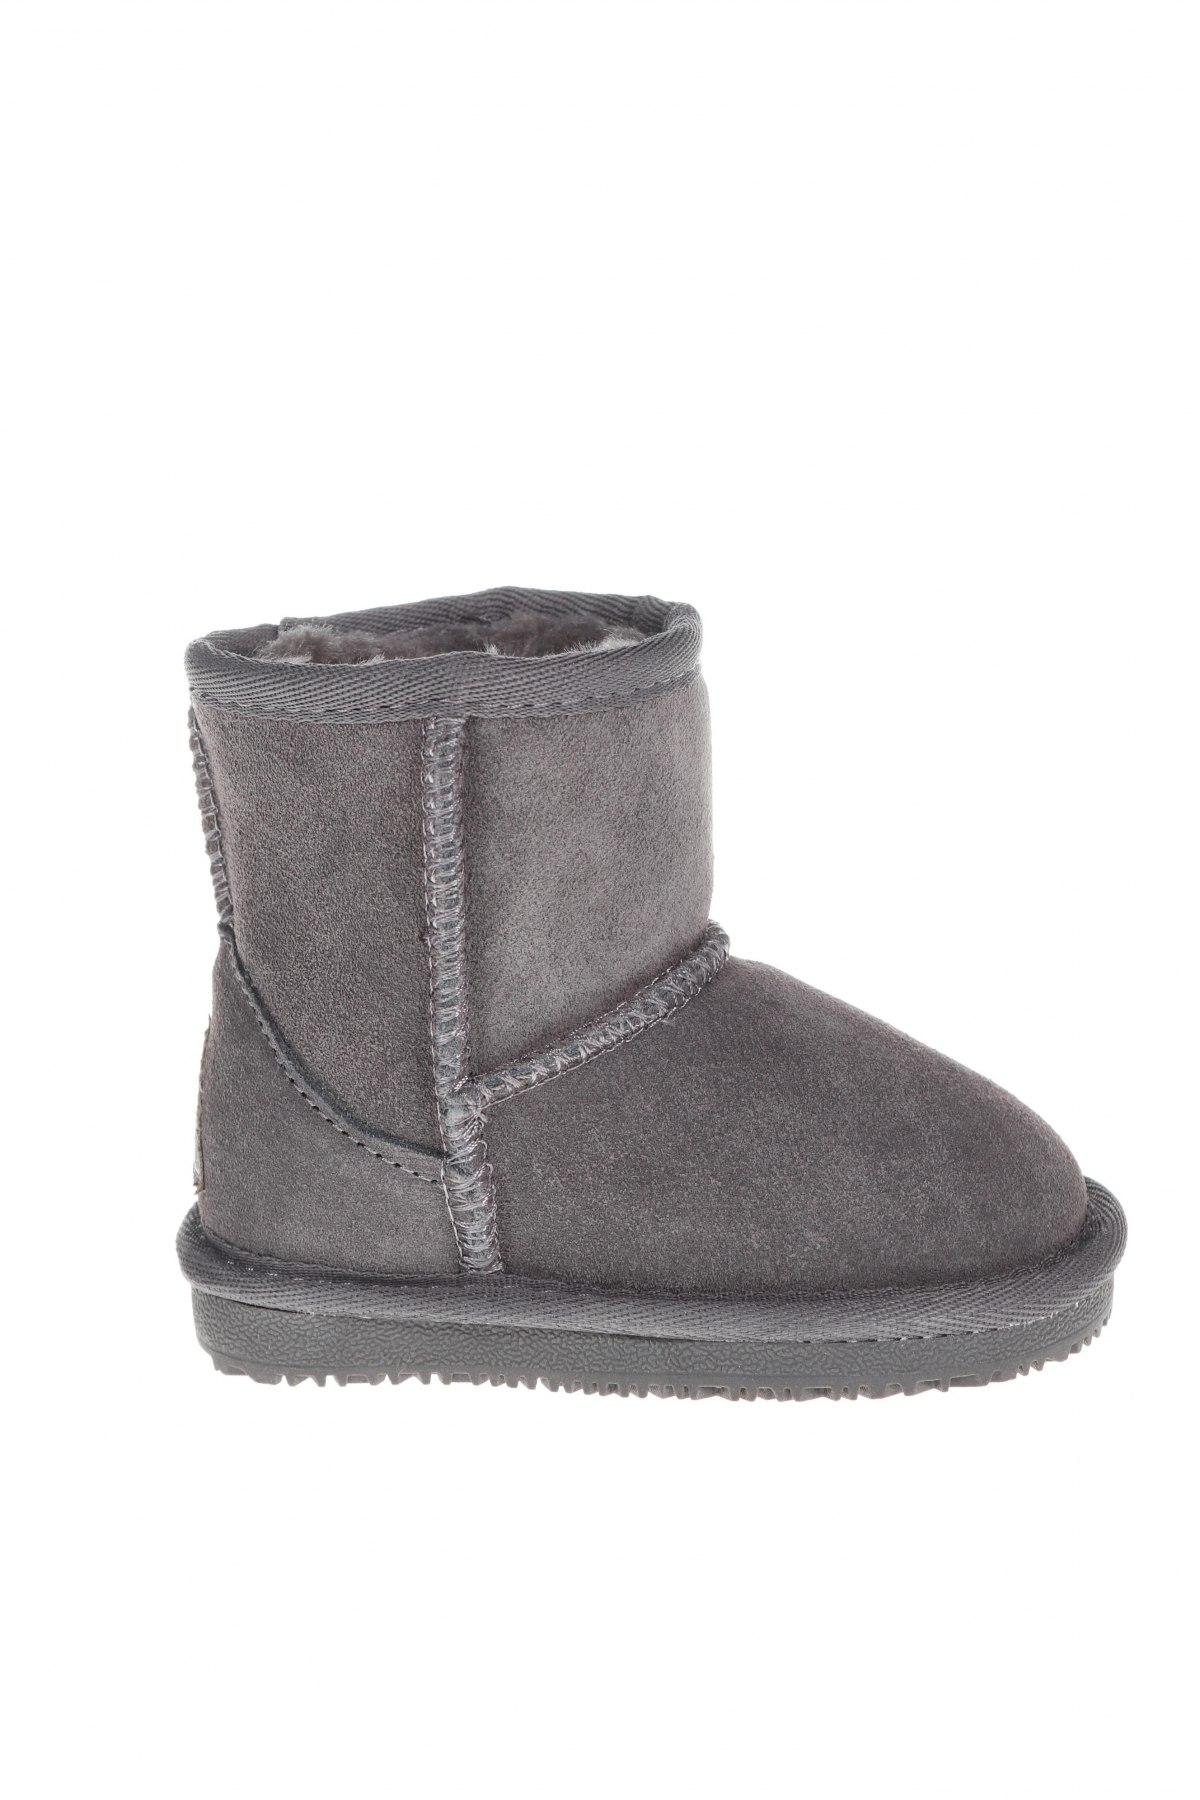 Παιδικά παπούτσια Nice Bay, Μέγεθος 21, Χρώμα Μπλέ, Φυσικό σουέτ, Τιμή 19,20€